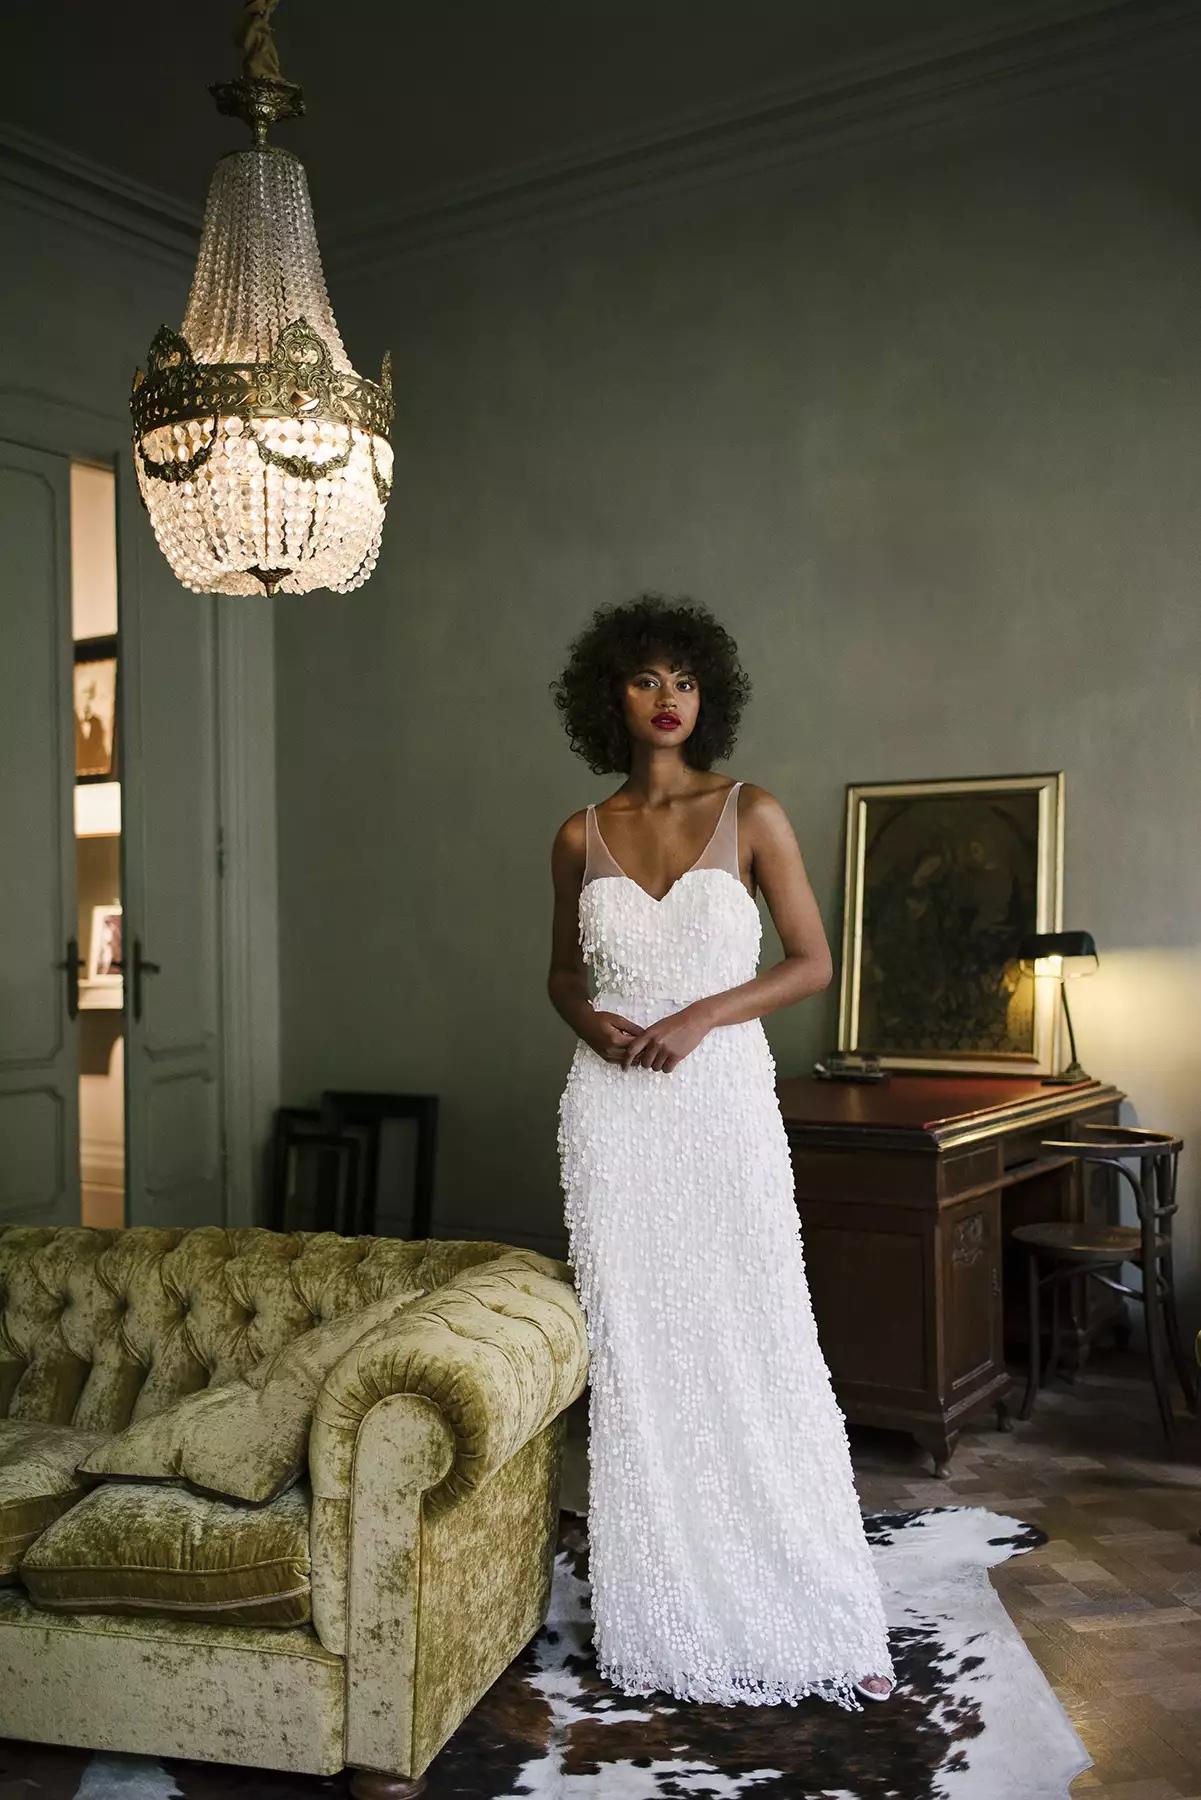 1hu4j3KNyIs - 21 романтическое платье для невесты в 2021 свадебном сезоне